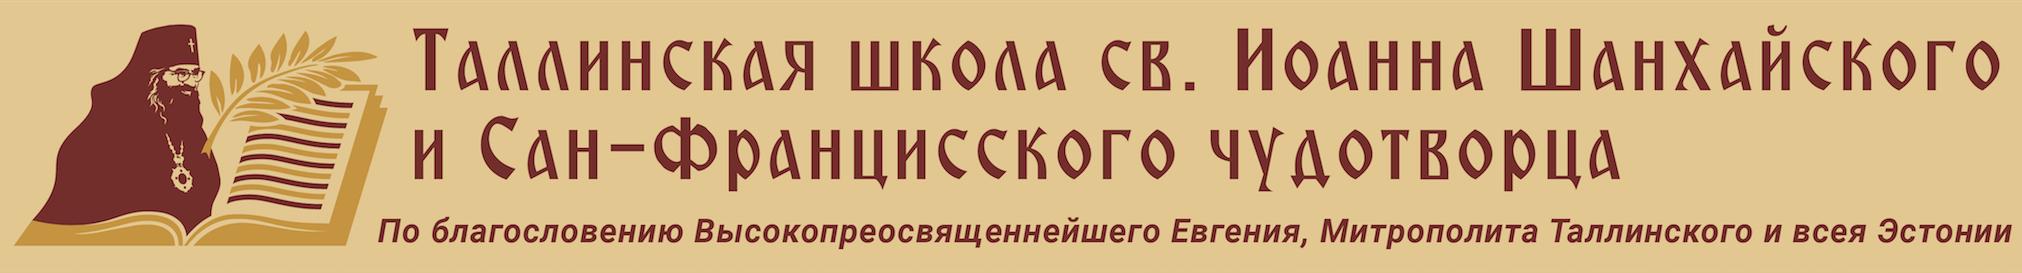 Таллинская школа св. Иоанна Шанхайского и Сан-Францисского чудотворца